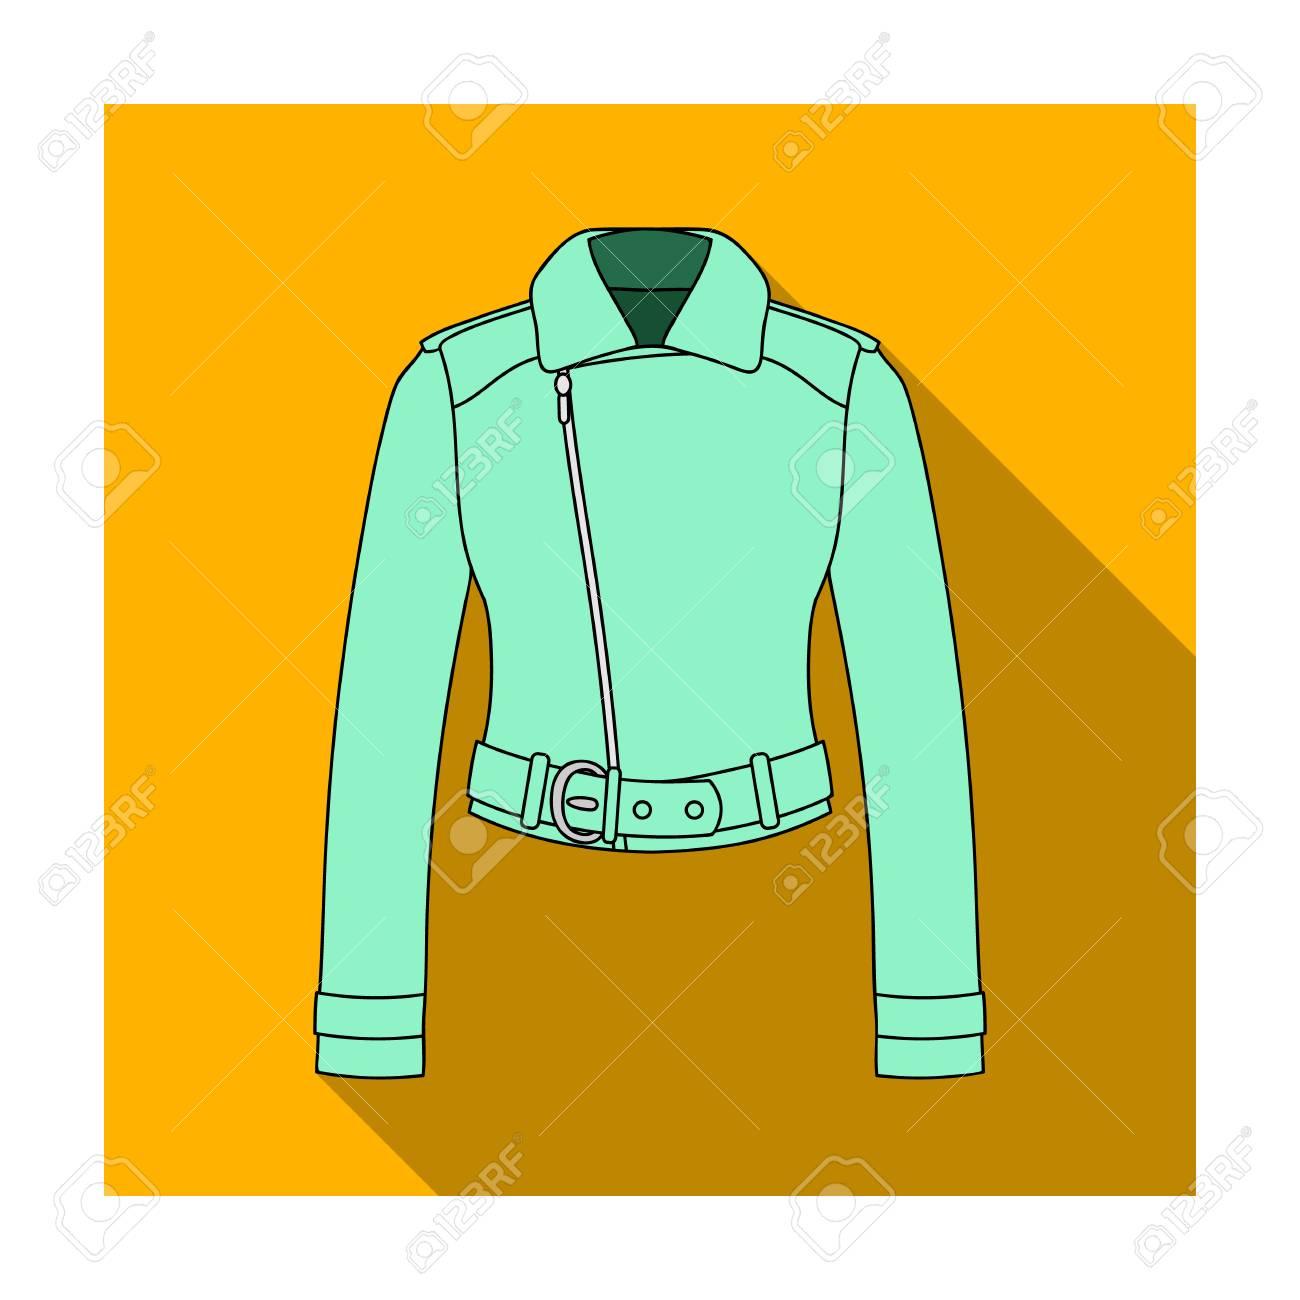 online retailer 722f1 ab95b Giacche di cuoio corte verdi della gioventù per le donne sicure Icona  dell'abbigliamento delle donne singola nell'illustrazione piana delle  azione di ...